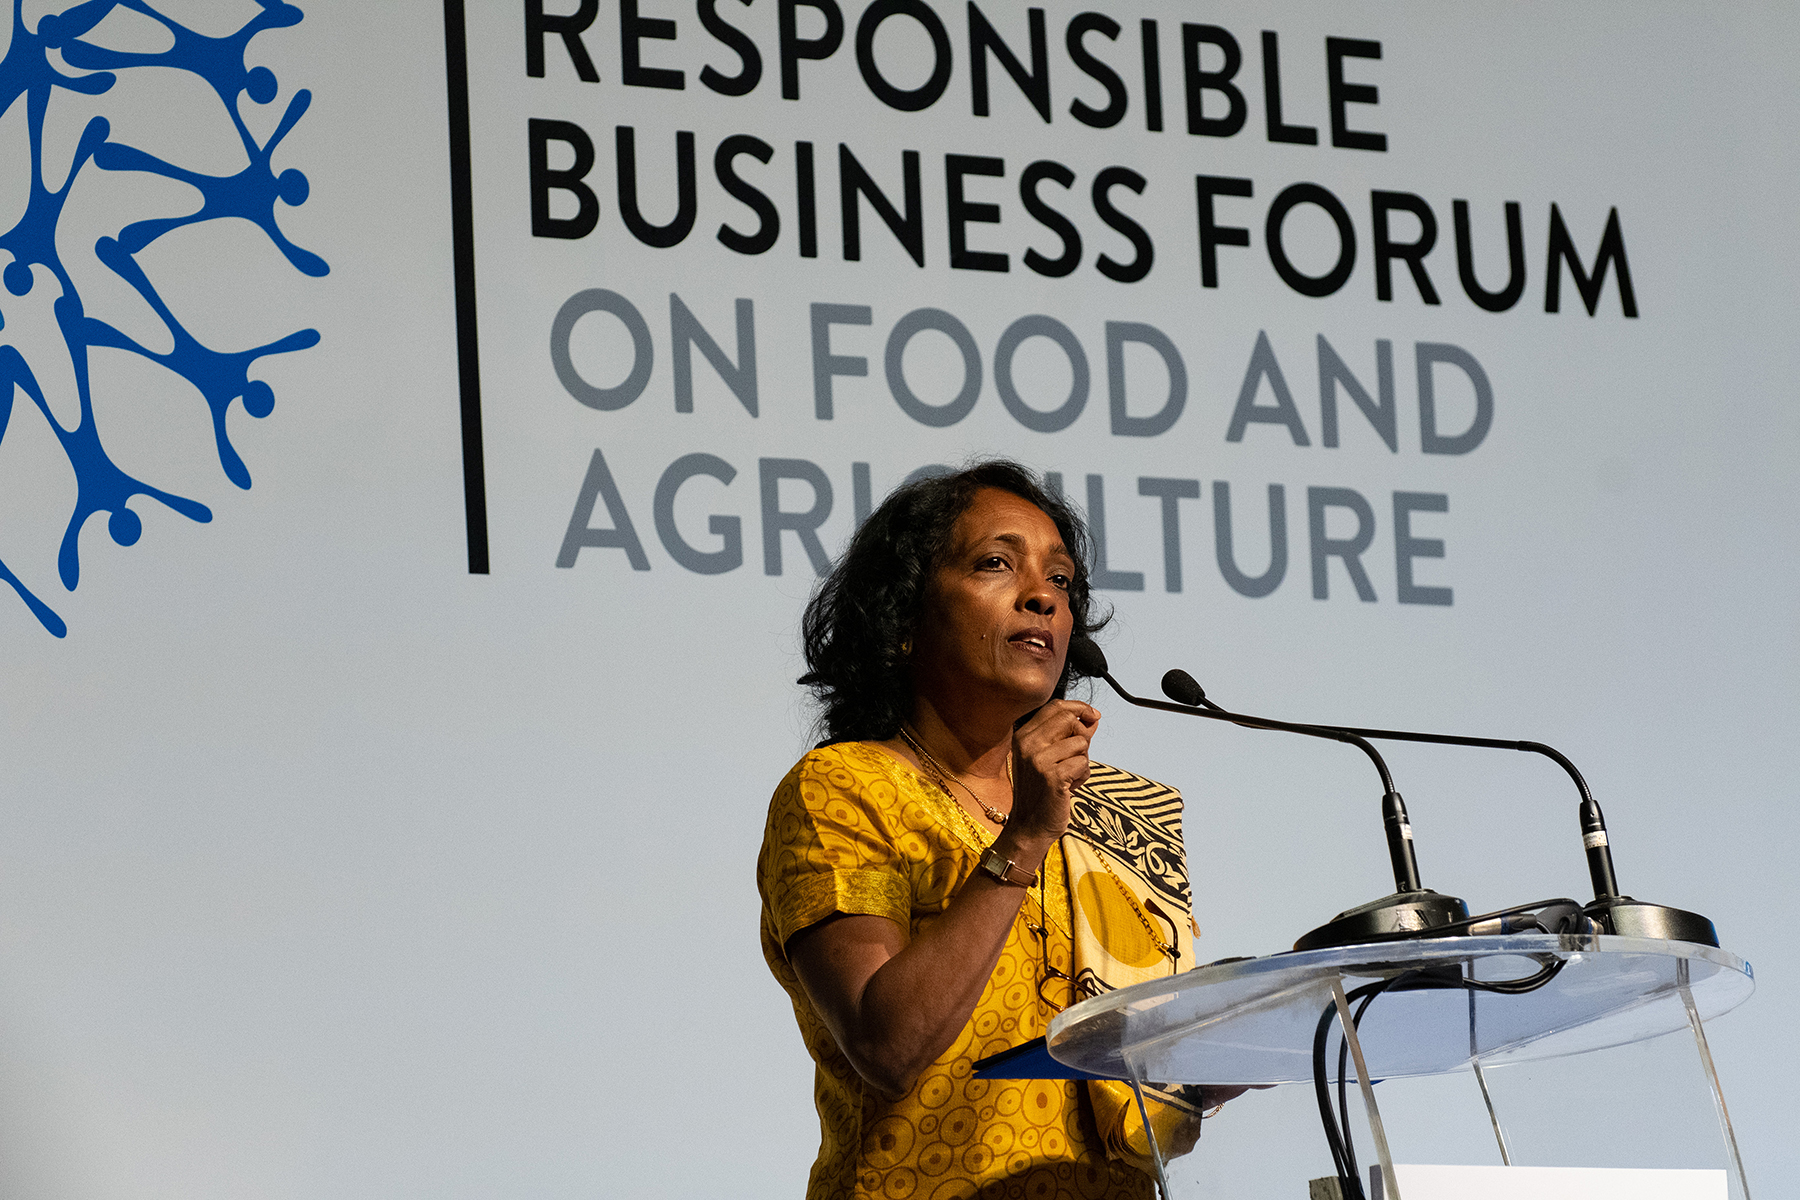 นางกันธวี คาธิเรสาน ผู้ช่วยผู้อำนวยการทั่วไป ระดับภูมิภาคเอเชียแปซิฟิก องค์การอาหารและการเกษตรแห่งสหประชาชาติ